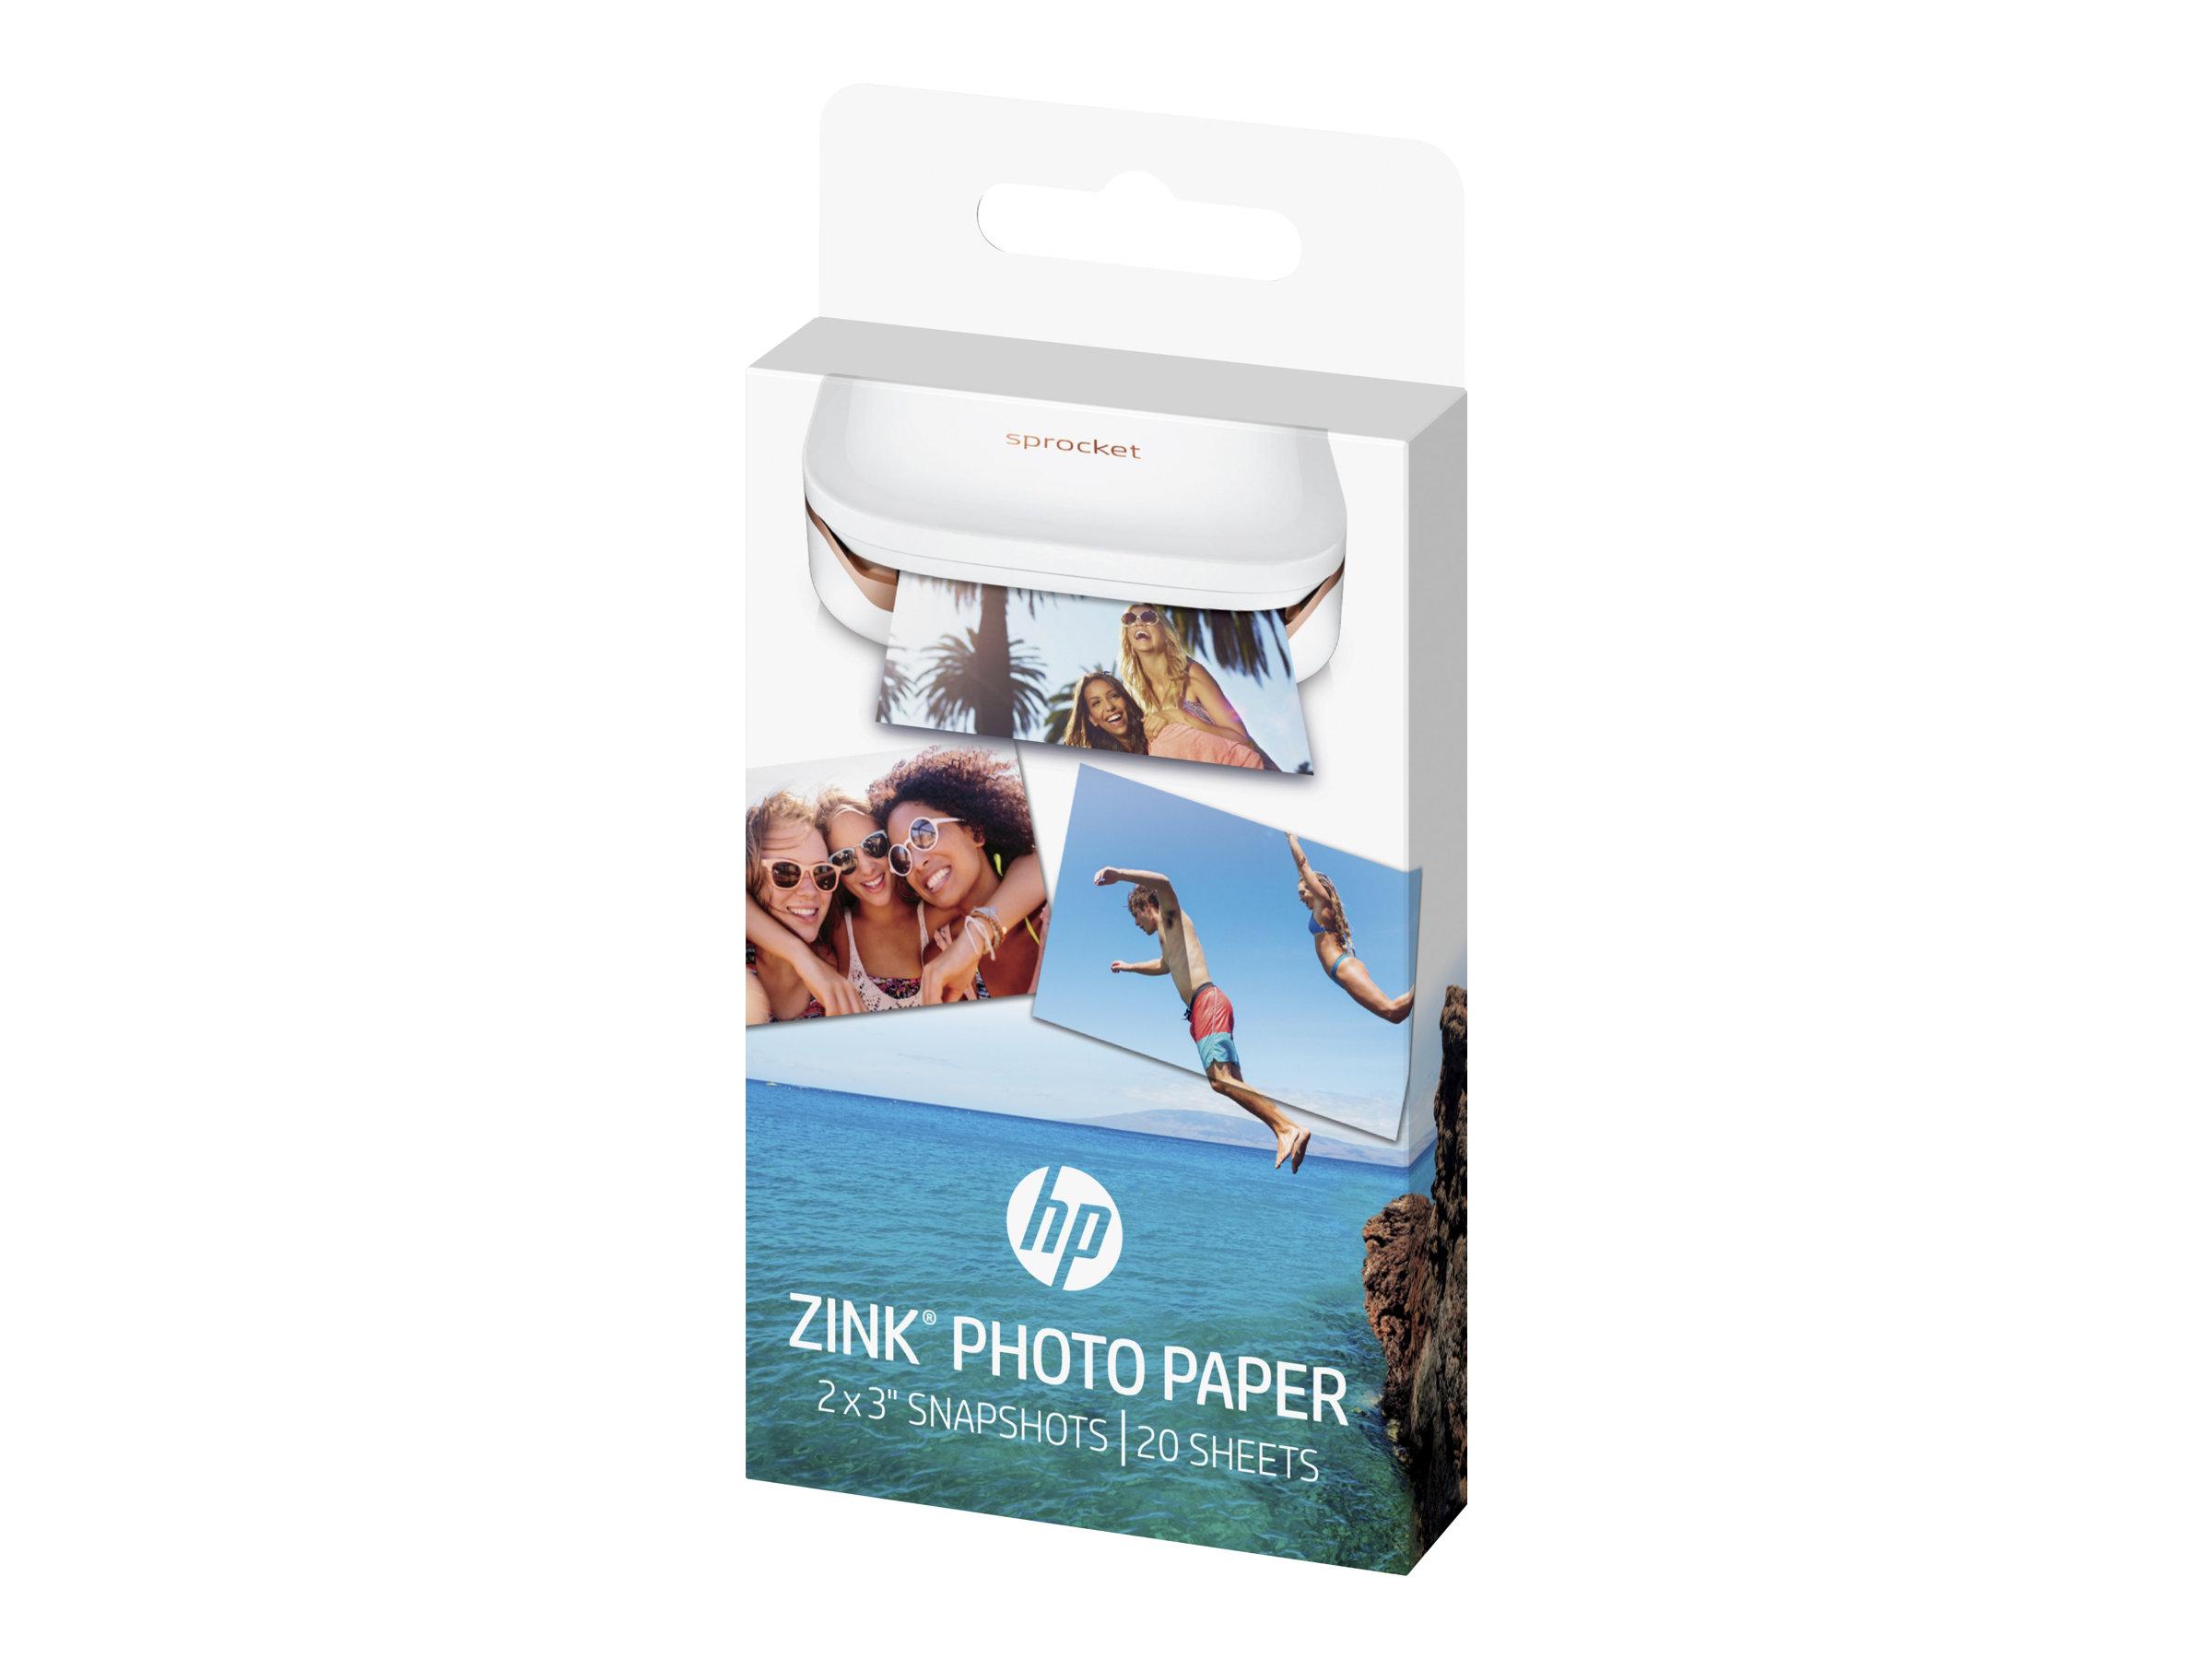 HP ZINK Sticky-Backed Photo Paper - Selbstklebend - glänzende Ausführung - 50 x 76 mm - 290 g/m² - 20 Blatt Fotopapier